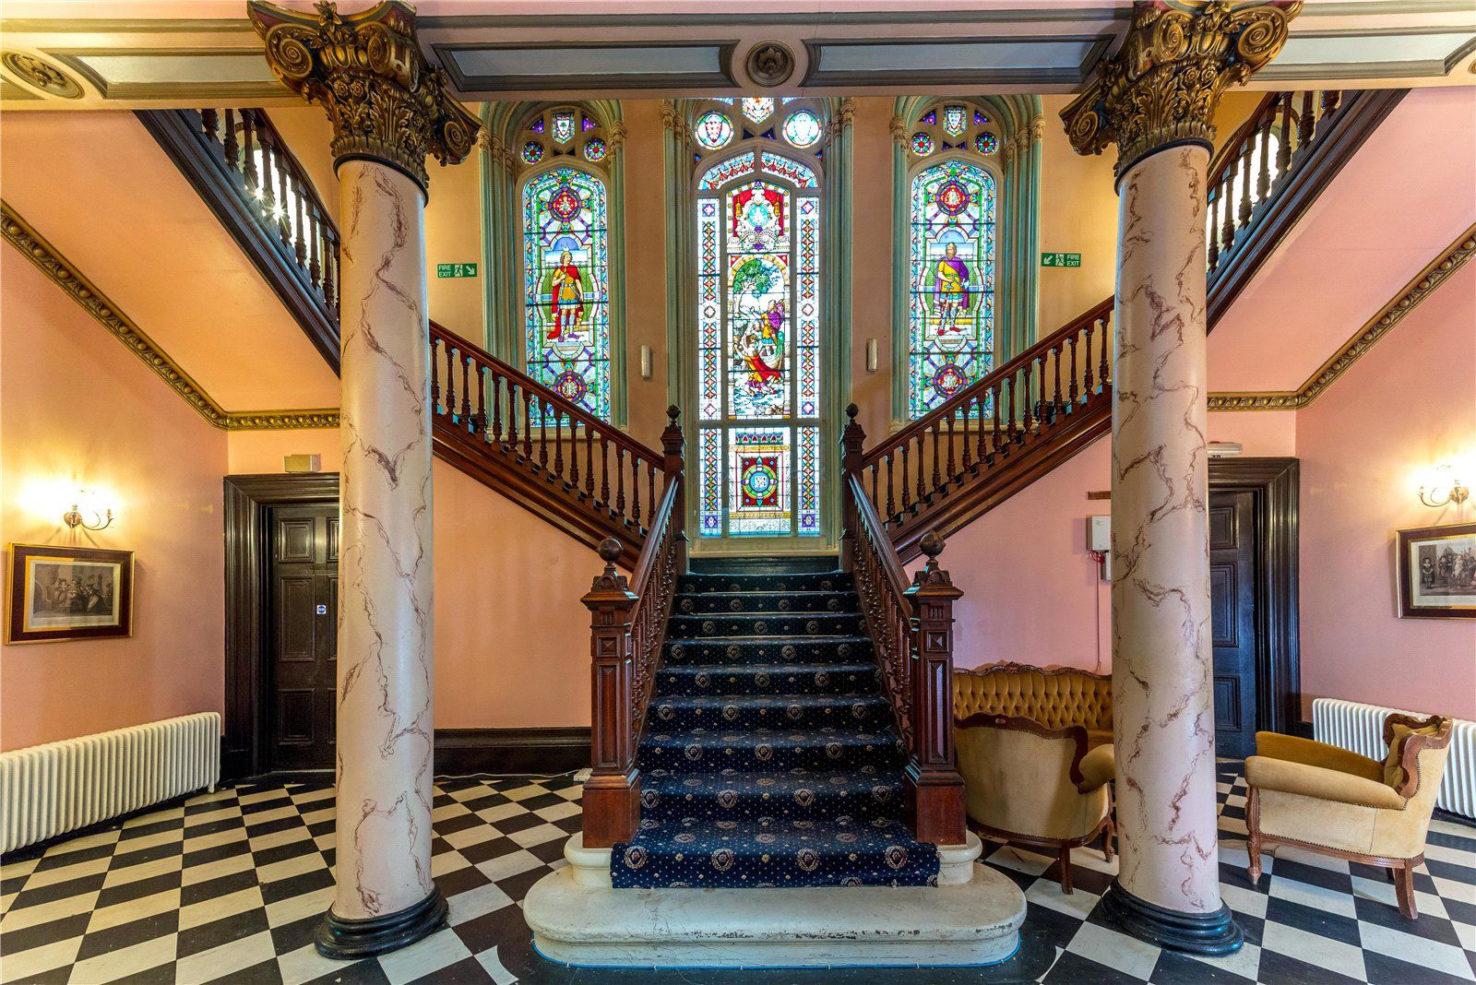 Dalmoak Castle for sale in Dumbarton Scotland